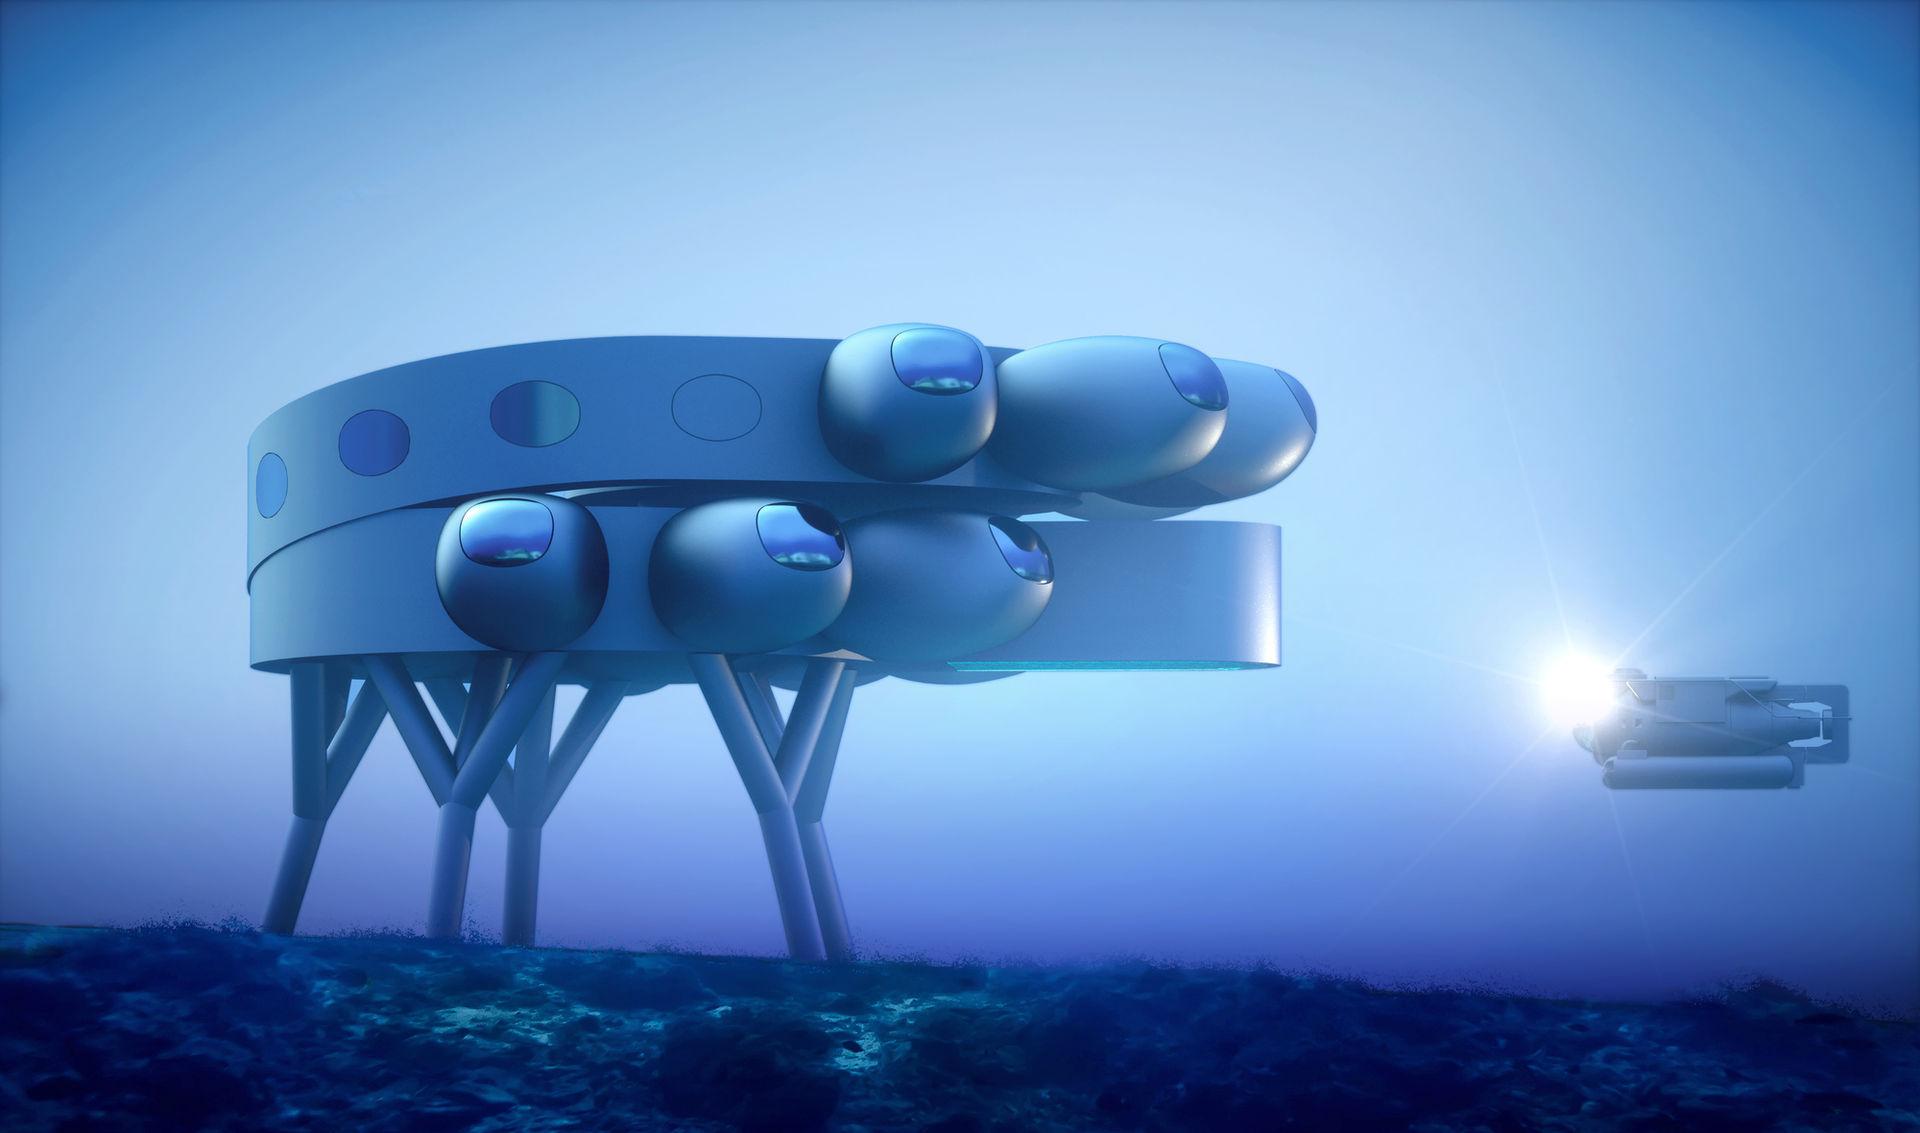 Proteus ska bli en forskningsstation under vattnet